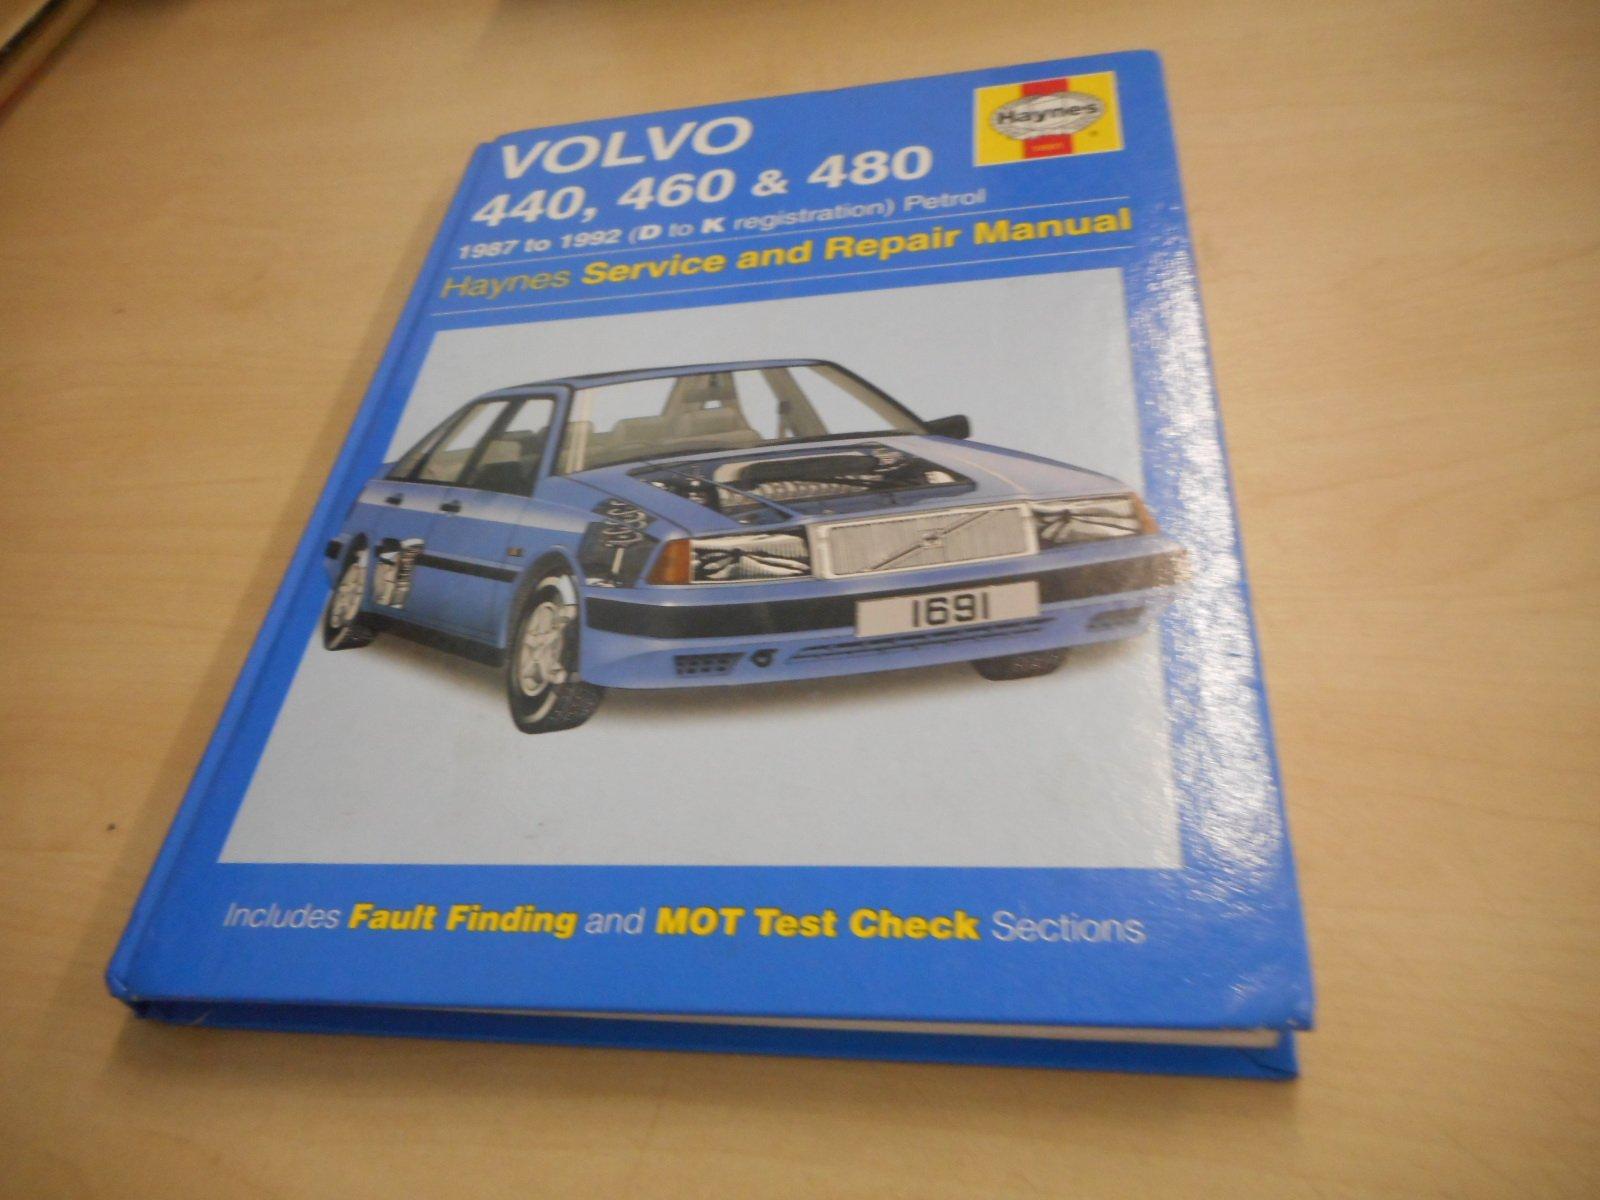 volvo 440 460 and 480 service and repair manual haynes service and rh amazon com Online Repair Manuals Haynes Repair Manuals Mazda